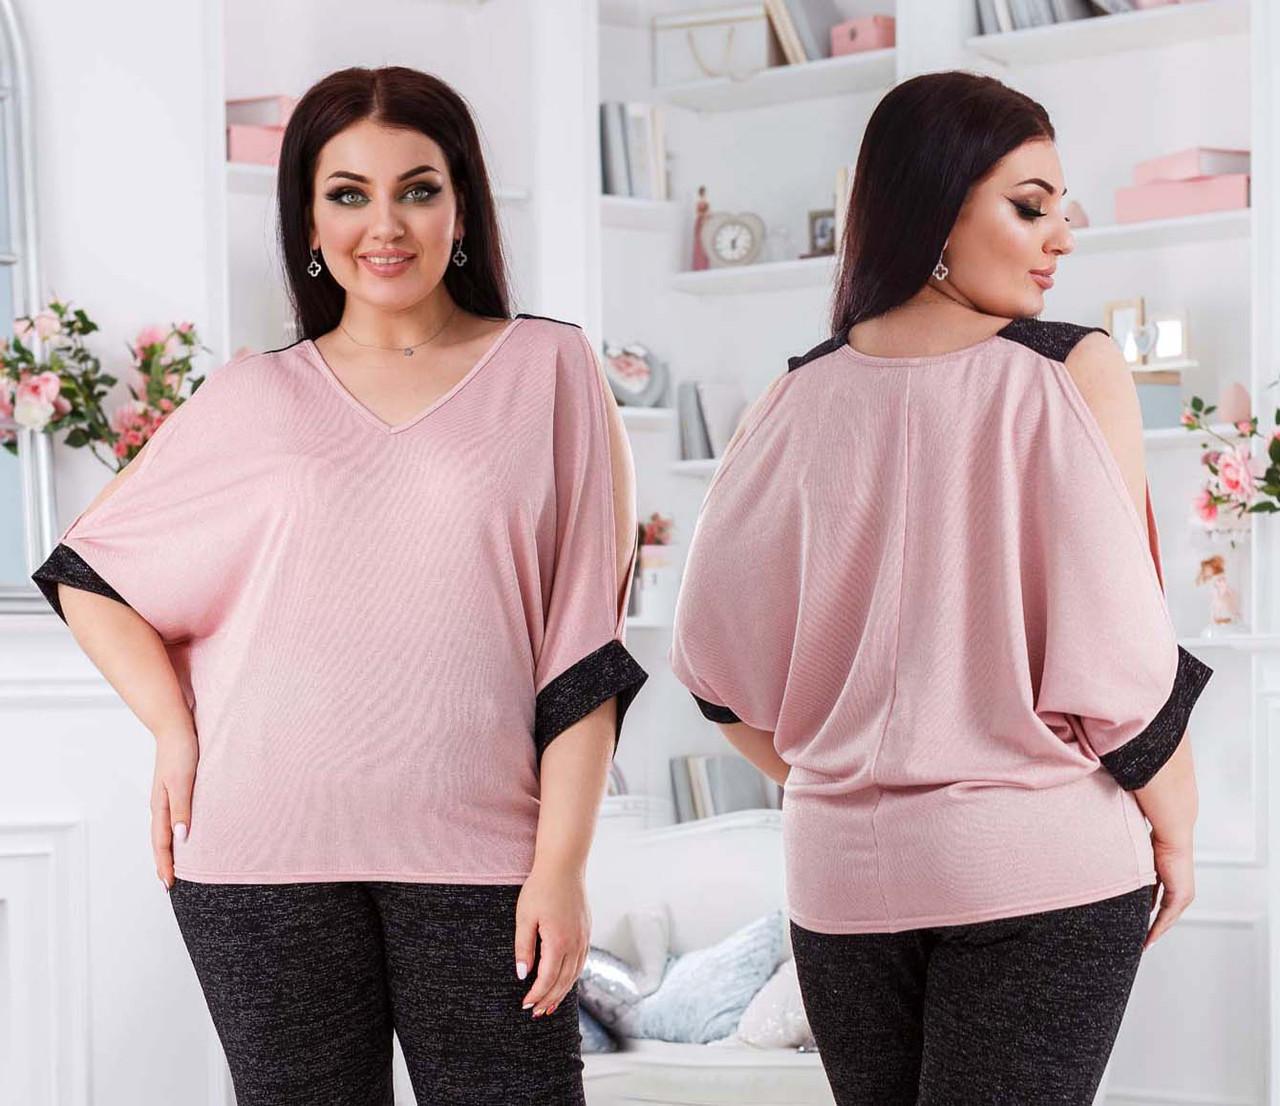 """Ошатна жіноча блуза-туніка у великих розмірах 41457 """"Трикотаж Люрекс Плечі Розрізи Манжет"""" в кольорах"""